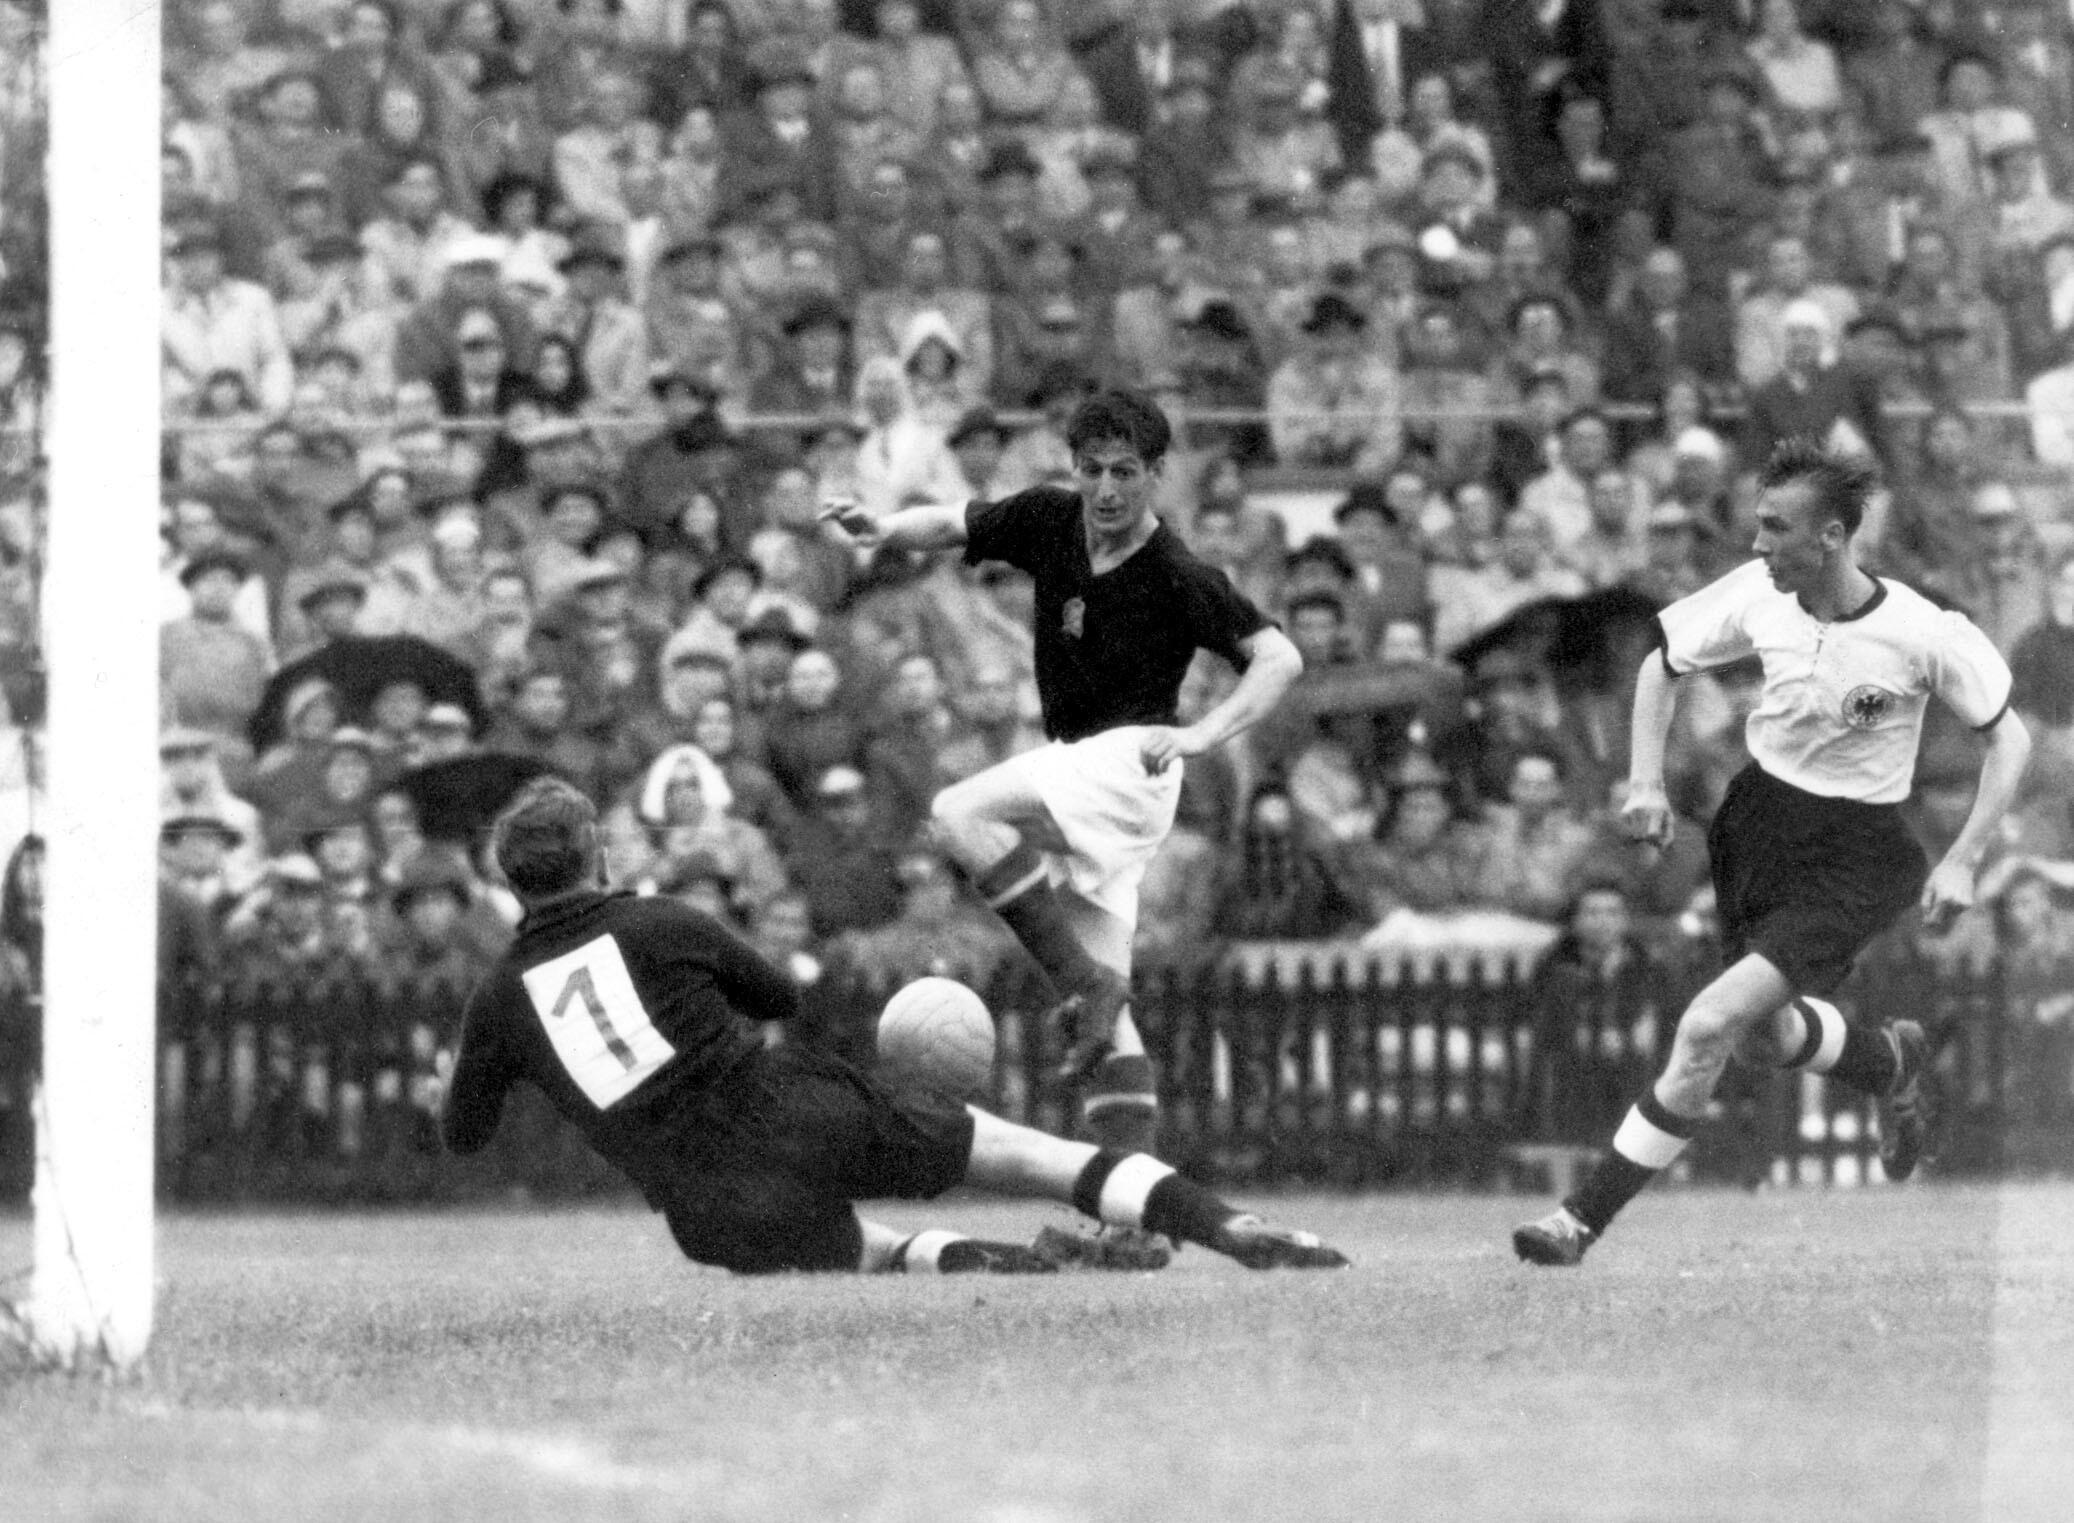 Bild zu WM 1954, Bern, Schweiz, Deutschland, Ungarn, Endspiel, Bern, Toni Turek, Sandor Kocsis, Horst Eckel